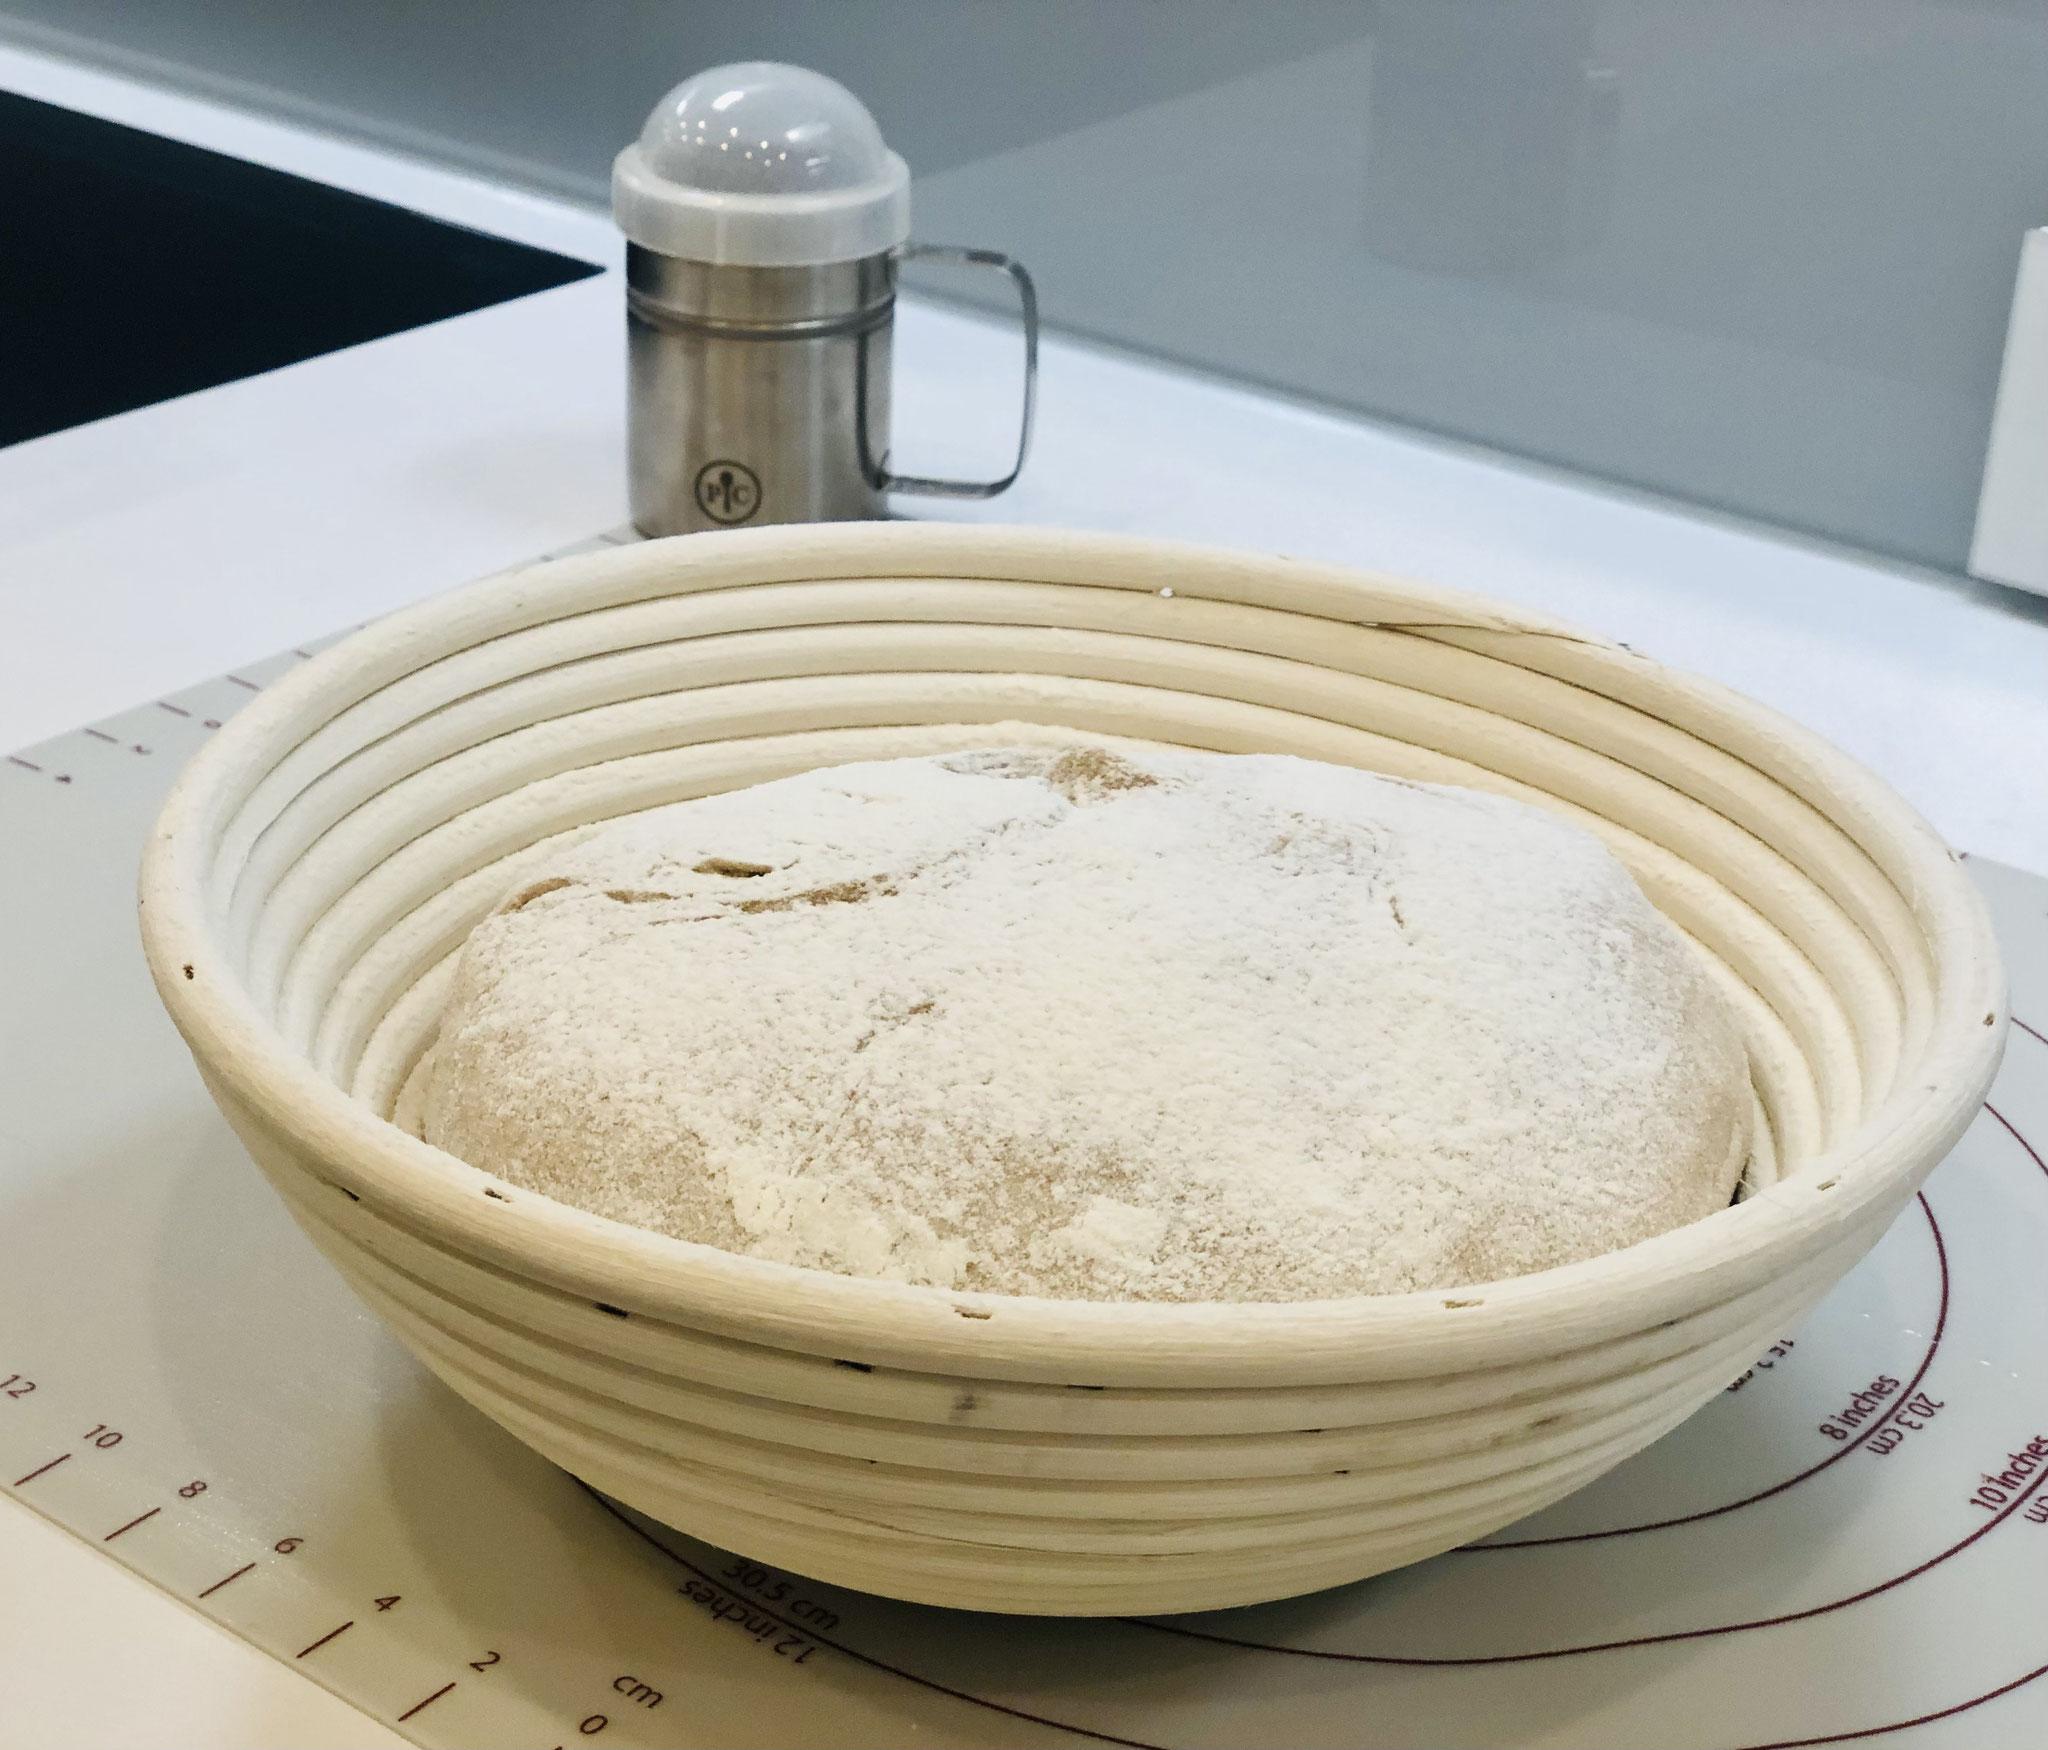 Hier siehst du wie ich das Brot in das Gärkörbchen gelegt habe und nun wird es nochmals mit Mehl aus dem Streufix bestäubt...